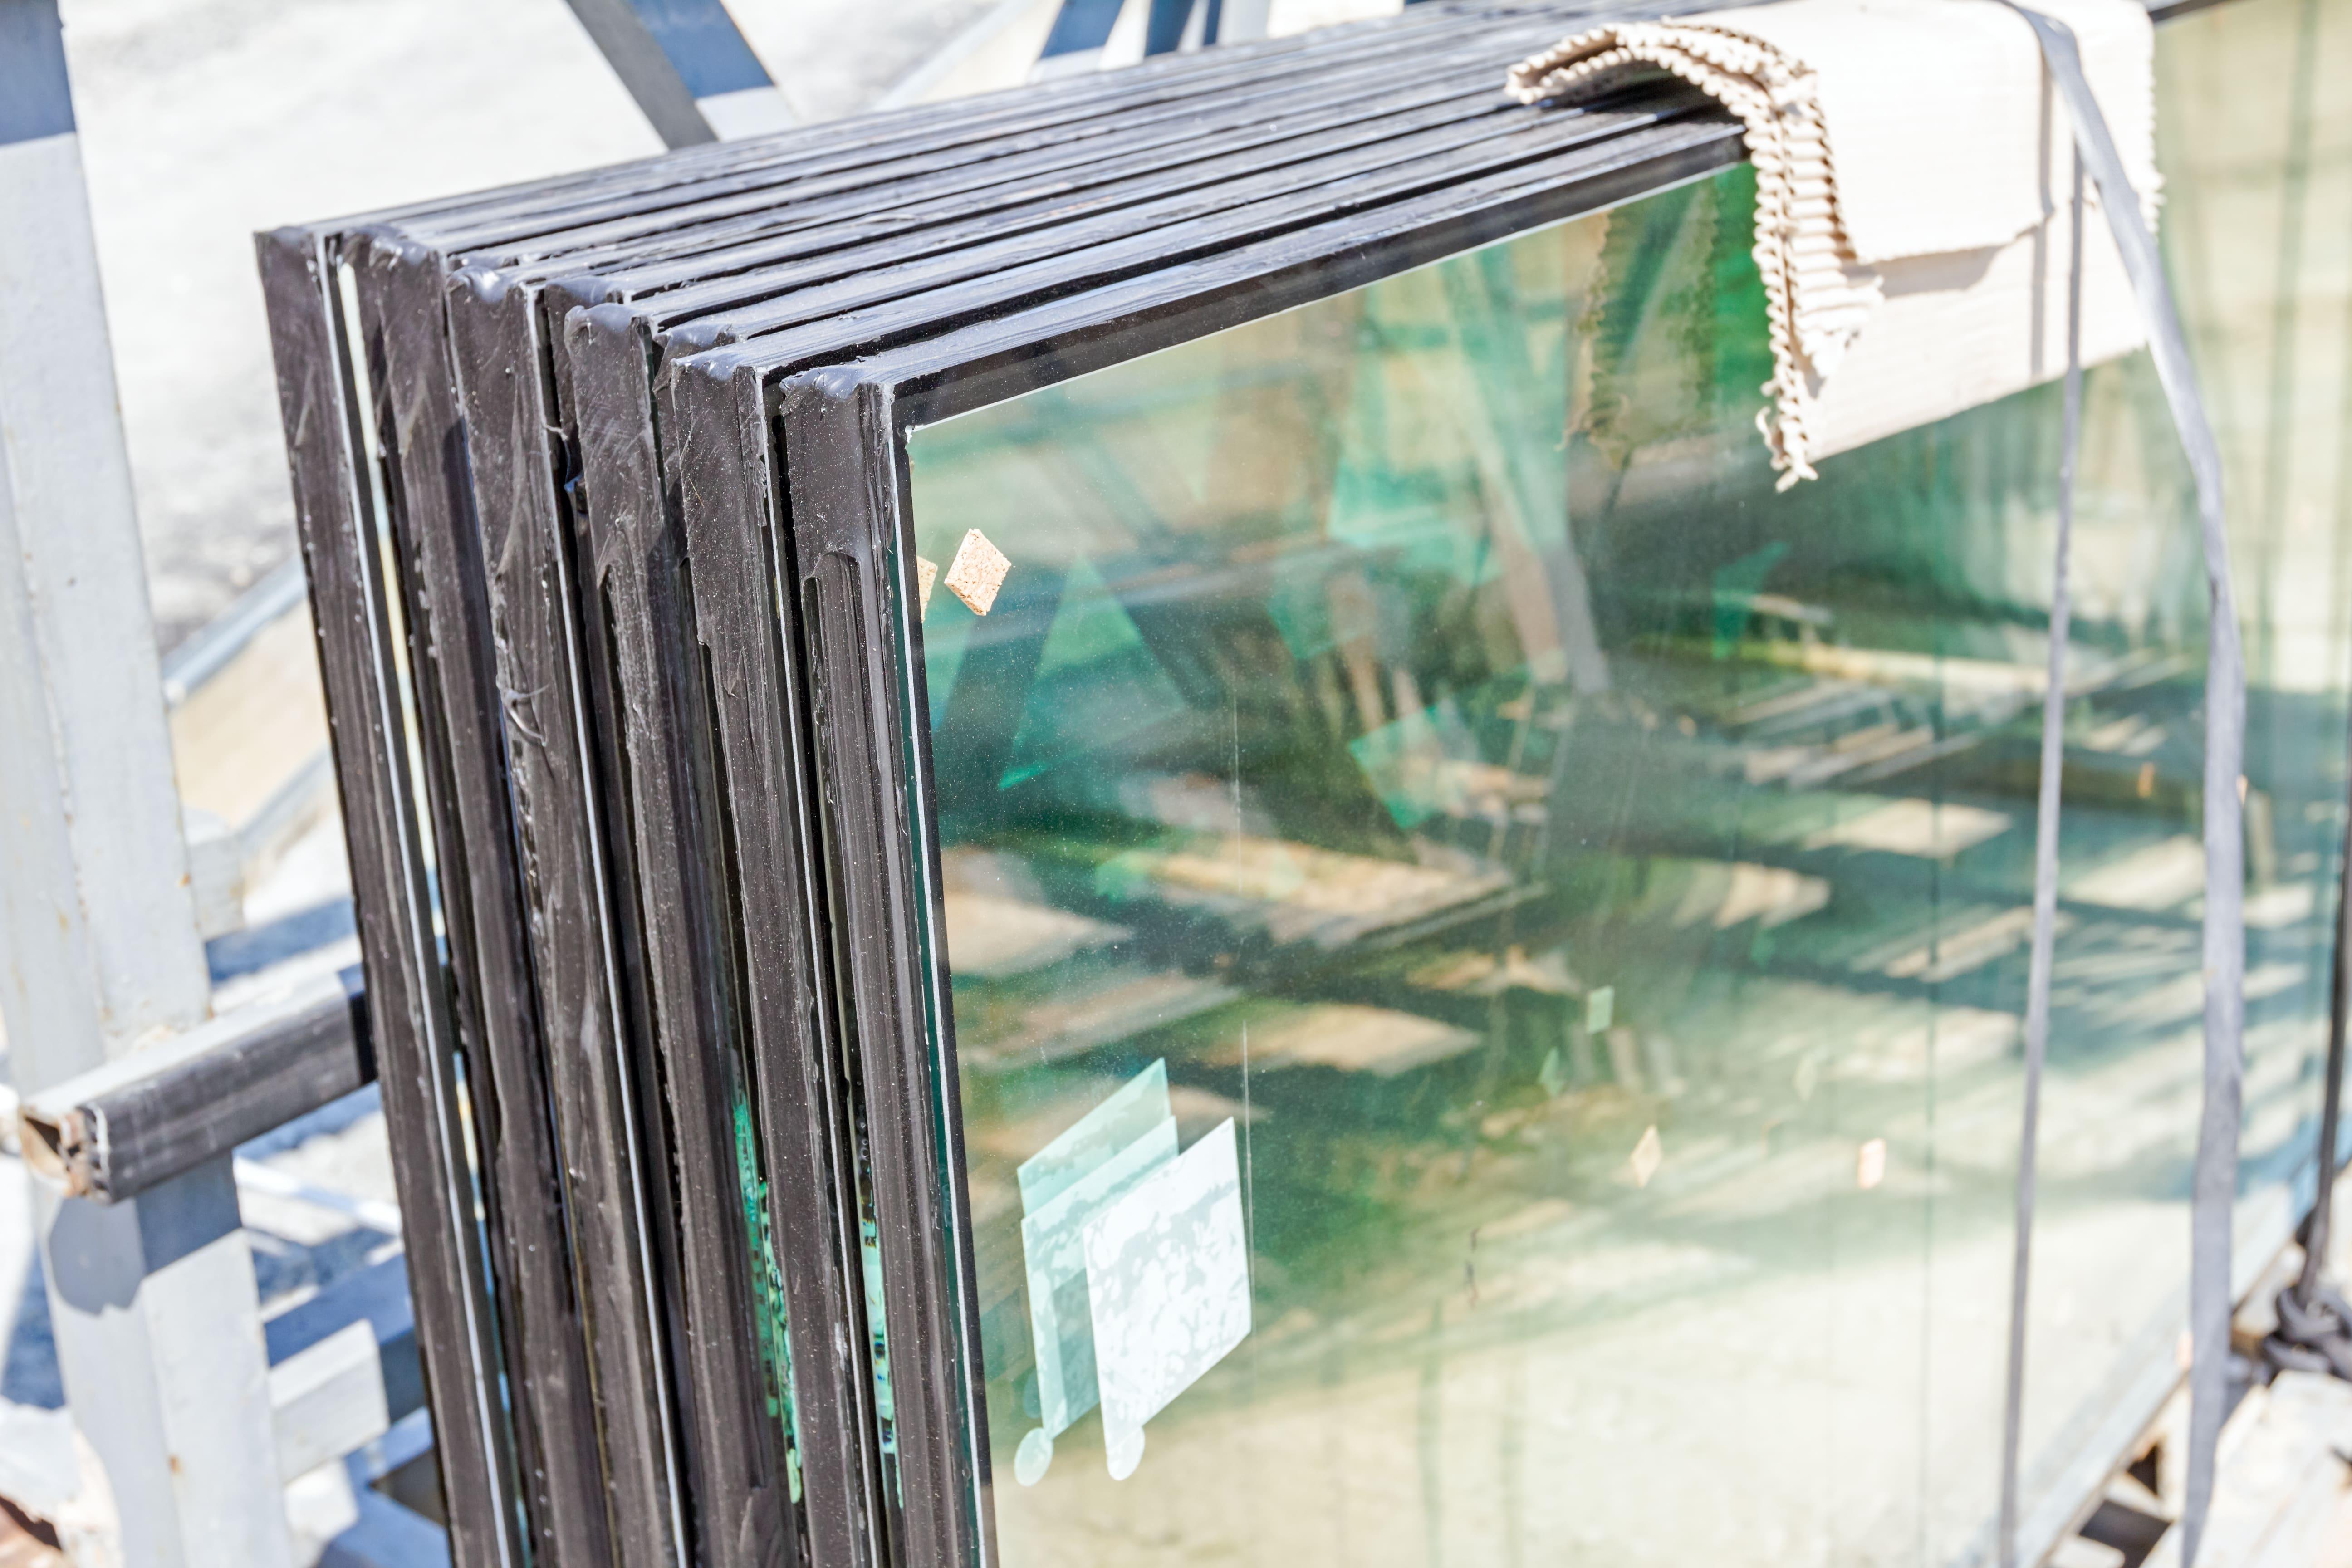 Imagem de alguns vidros para remeter ao empreendedor que deseja abrir uma vidraçaria